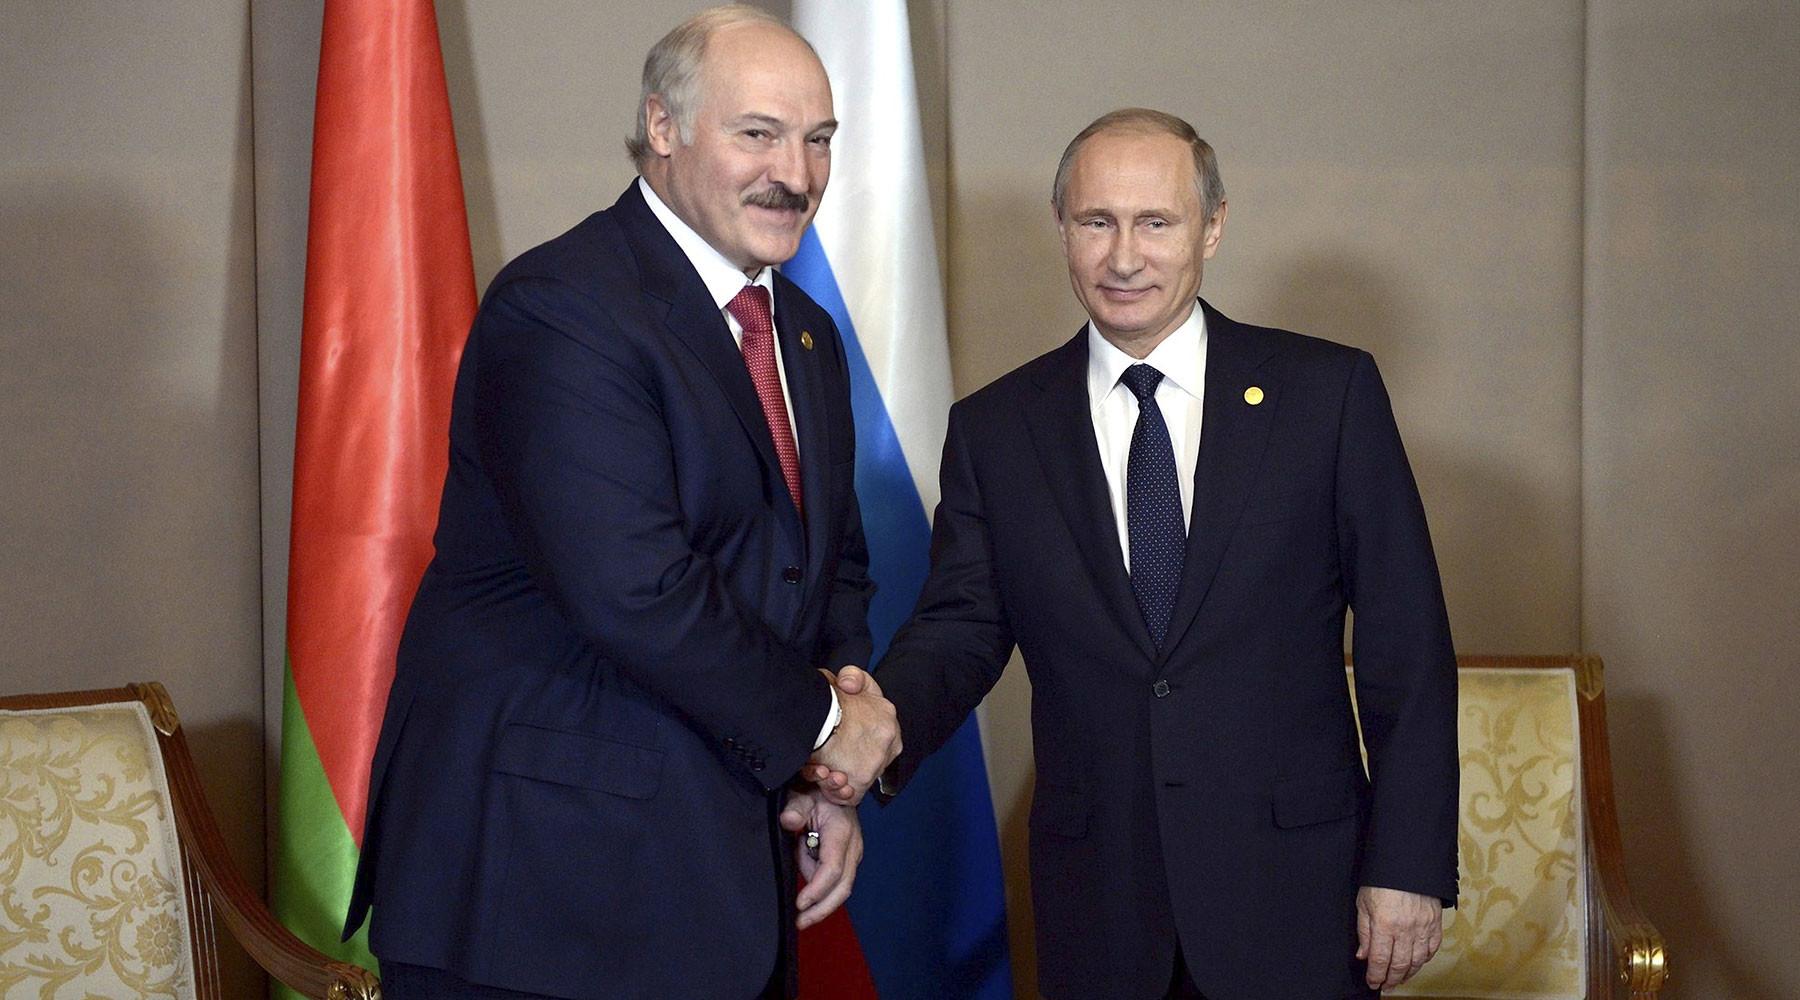 Союзный совет: какие острые вопросы обсудят Путин и Лукашенко